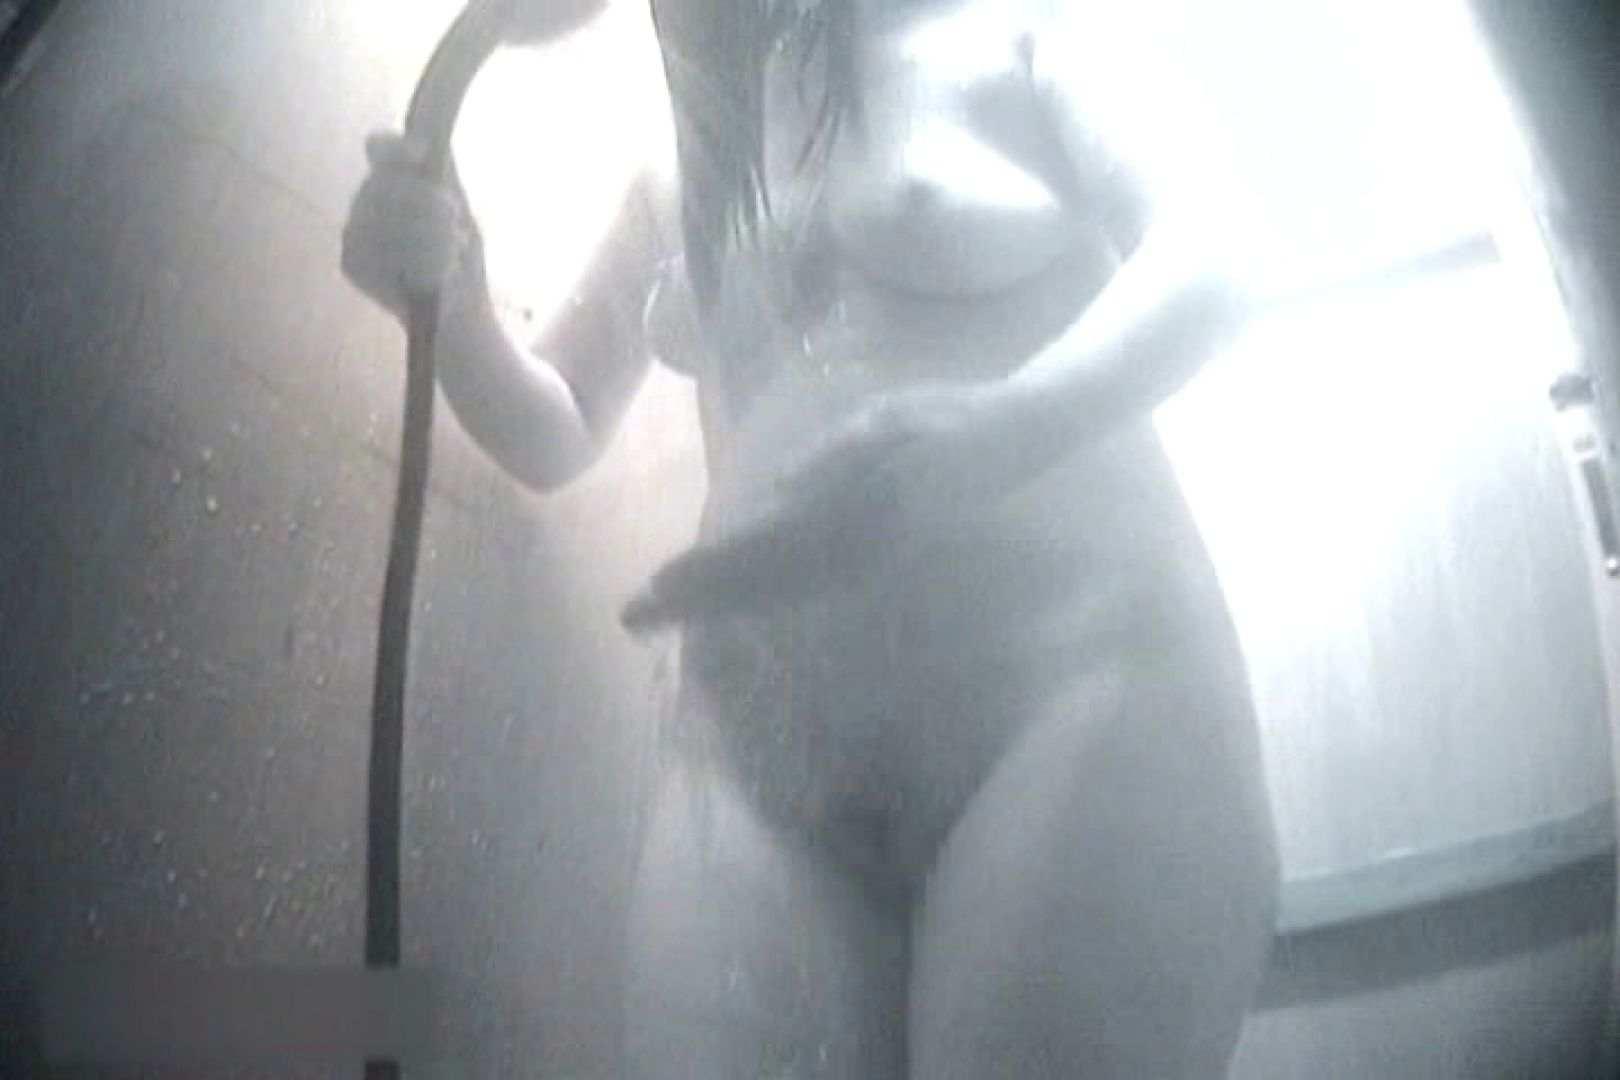 夏海シャワー室!ベトベトお肌をサラサラに!VOL.11 おまんこ無修正 AV動画キャプチャ 53画像 18